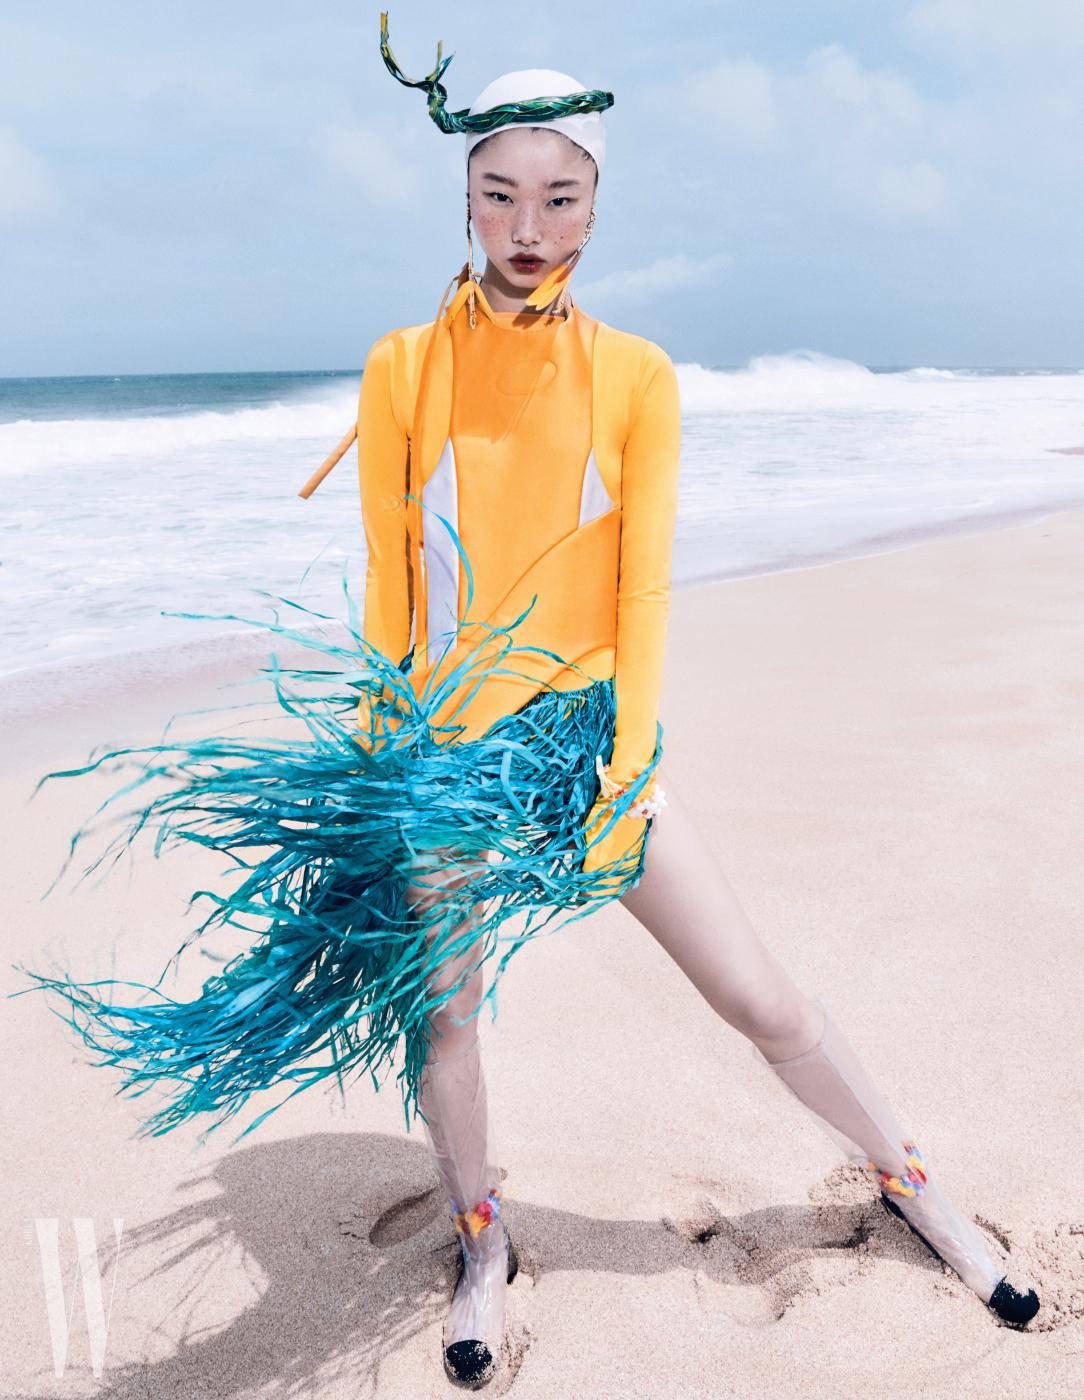 노란색보디슈트, 서핑슈트디자인을차용한베스트는Kijun, 부츠는Chanel, 귀고리는Free People 제품.